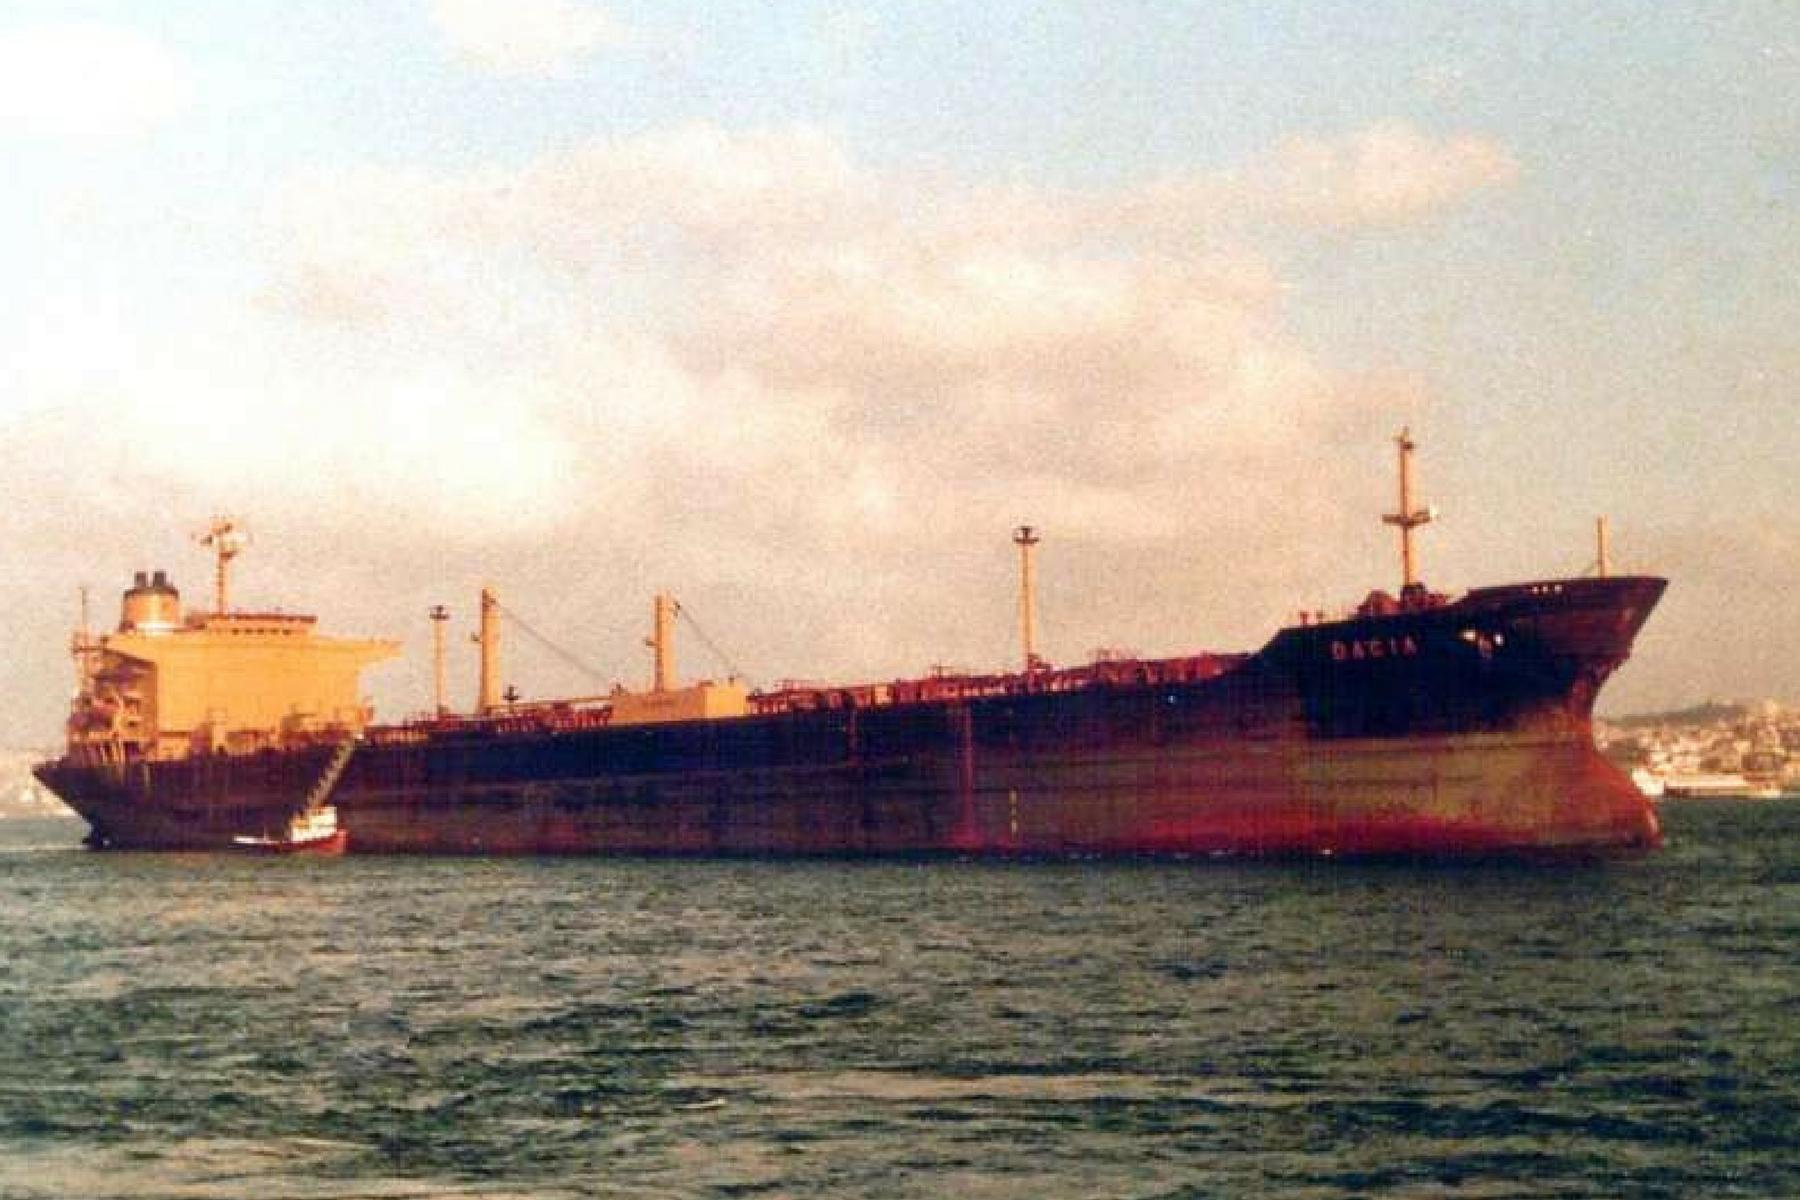 Tancul petrolier DACIA la Istambul in 1988